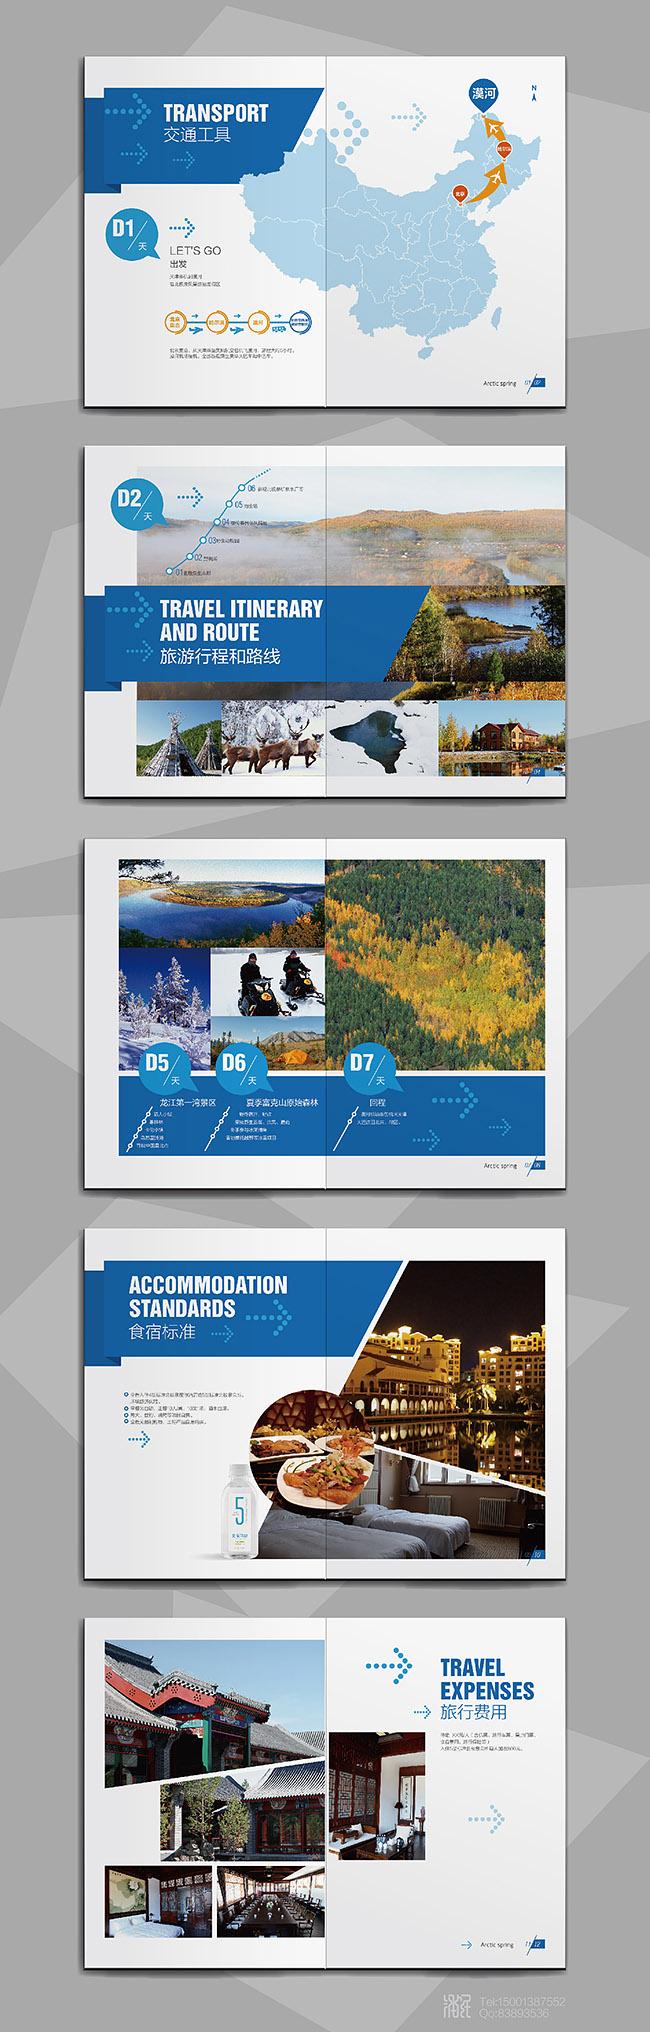 78漠河北极圈旅游手册.jpg